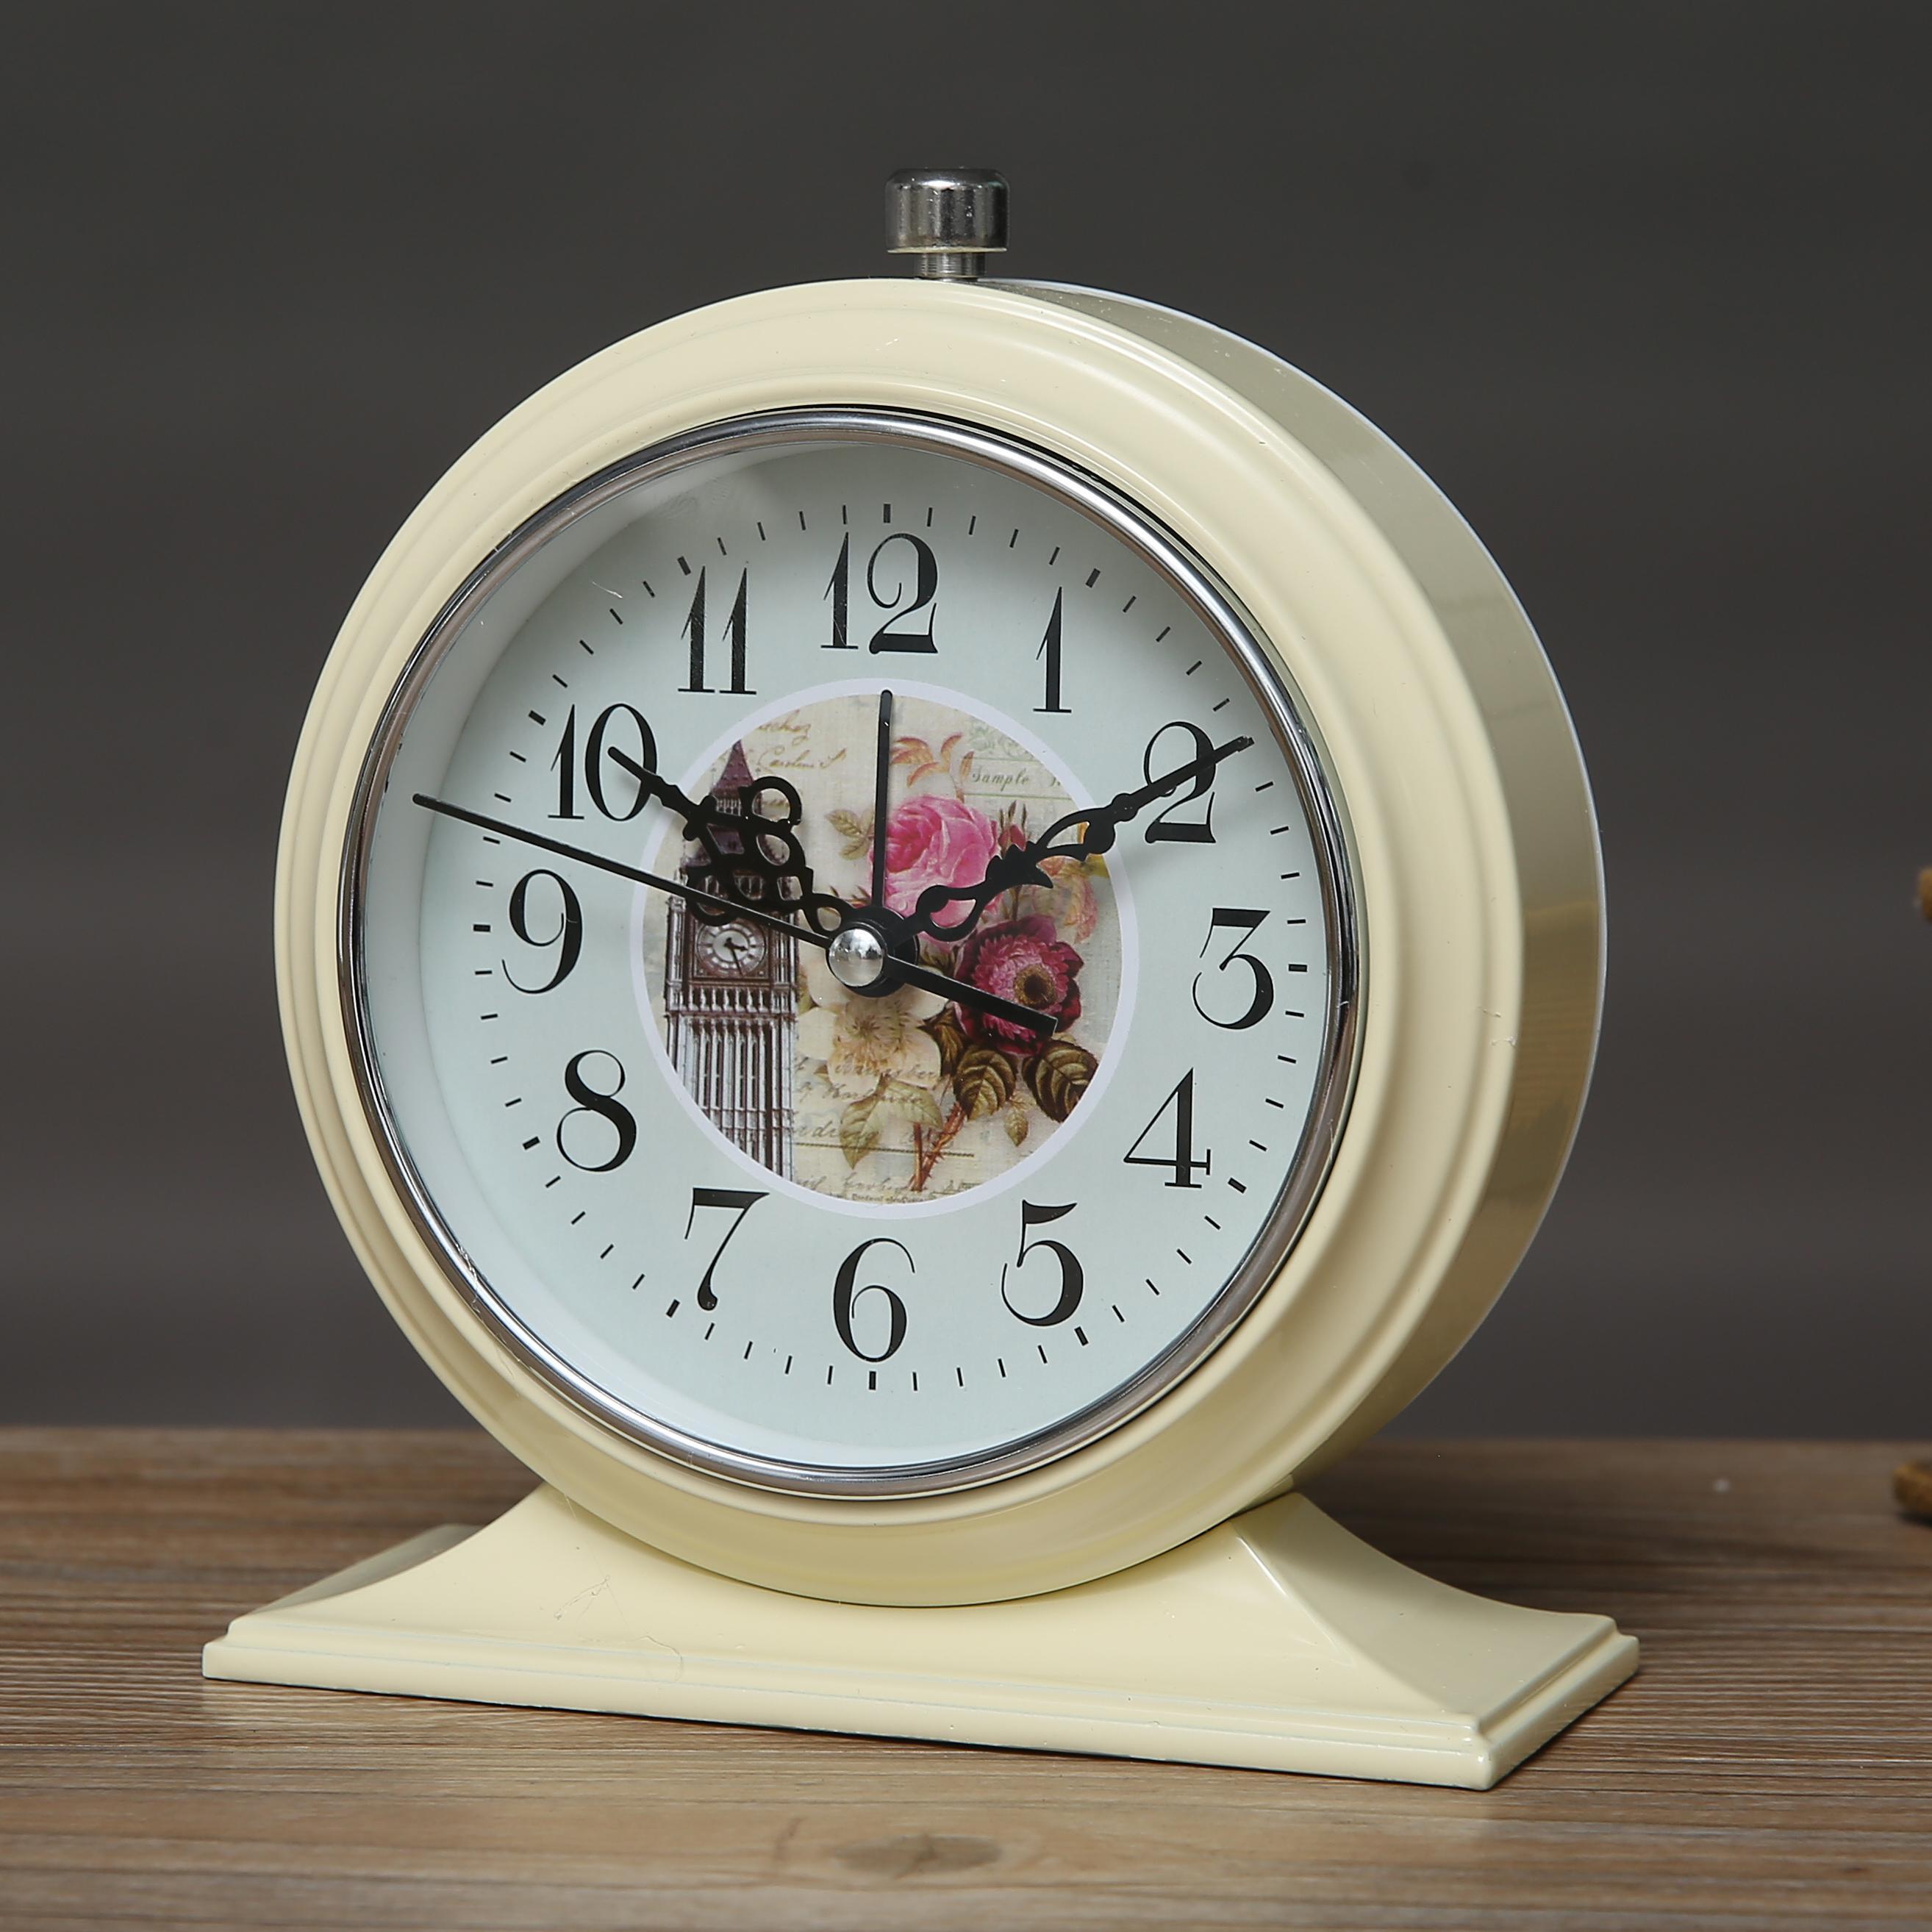 复古欧式机械打铃小闹钟静音夜光创意学生成人床头桌面台钟图片